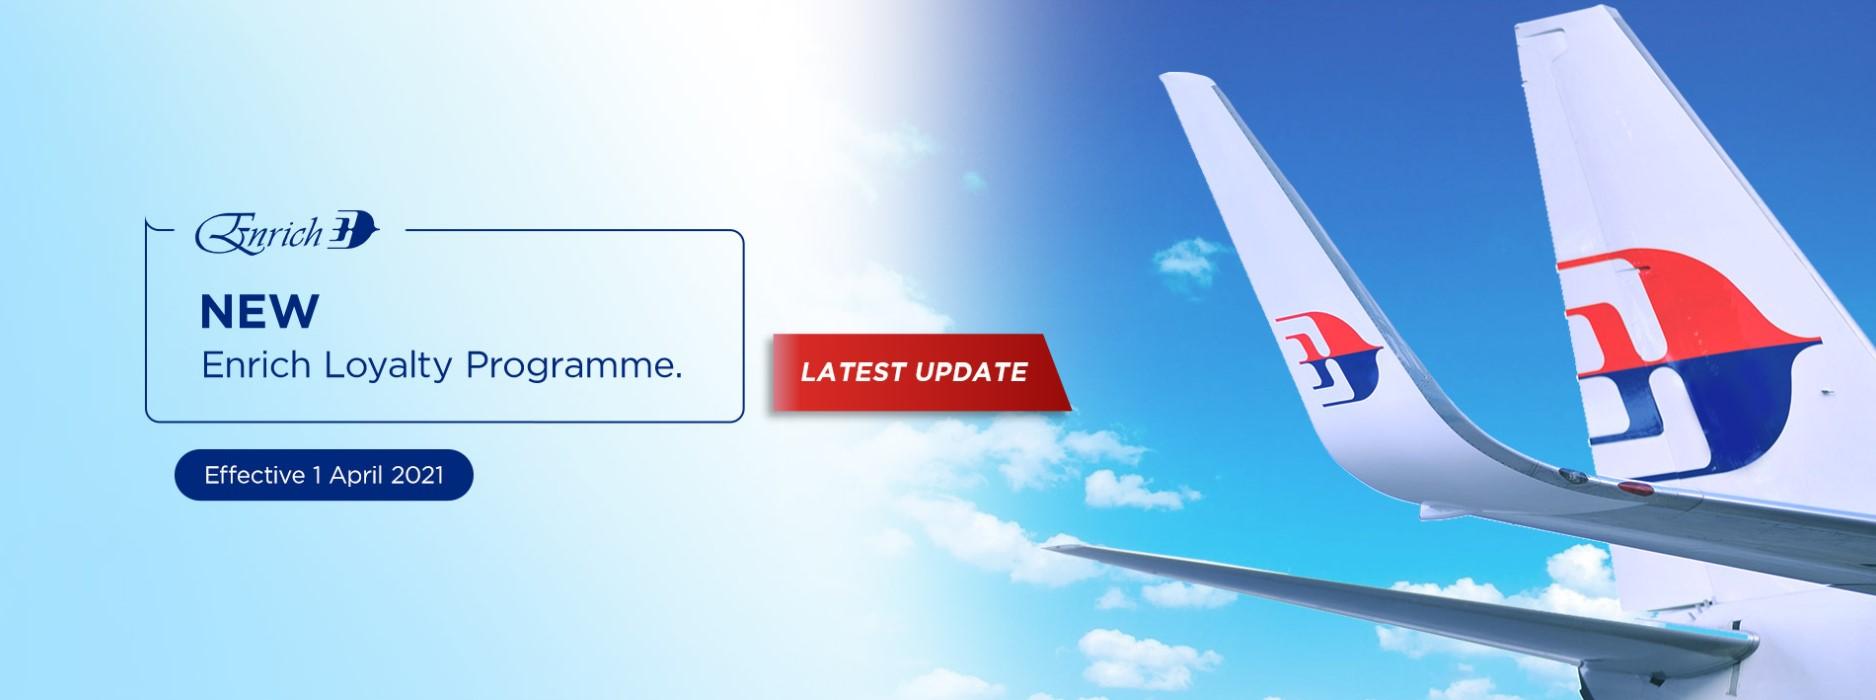 Изменения программы Malaysia Airlines Enrich